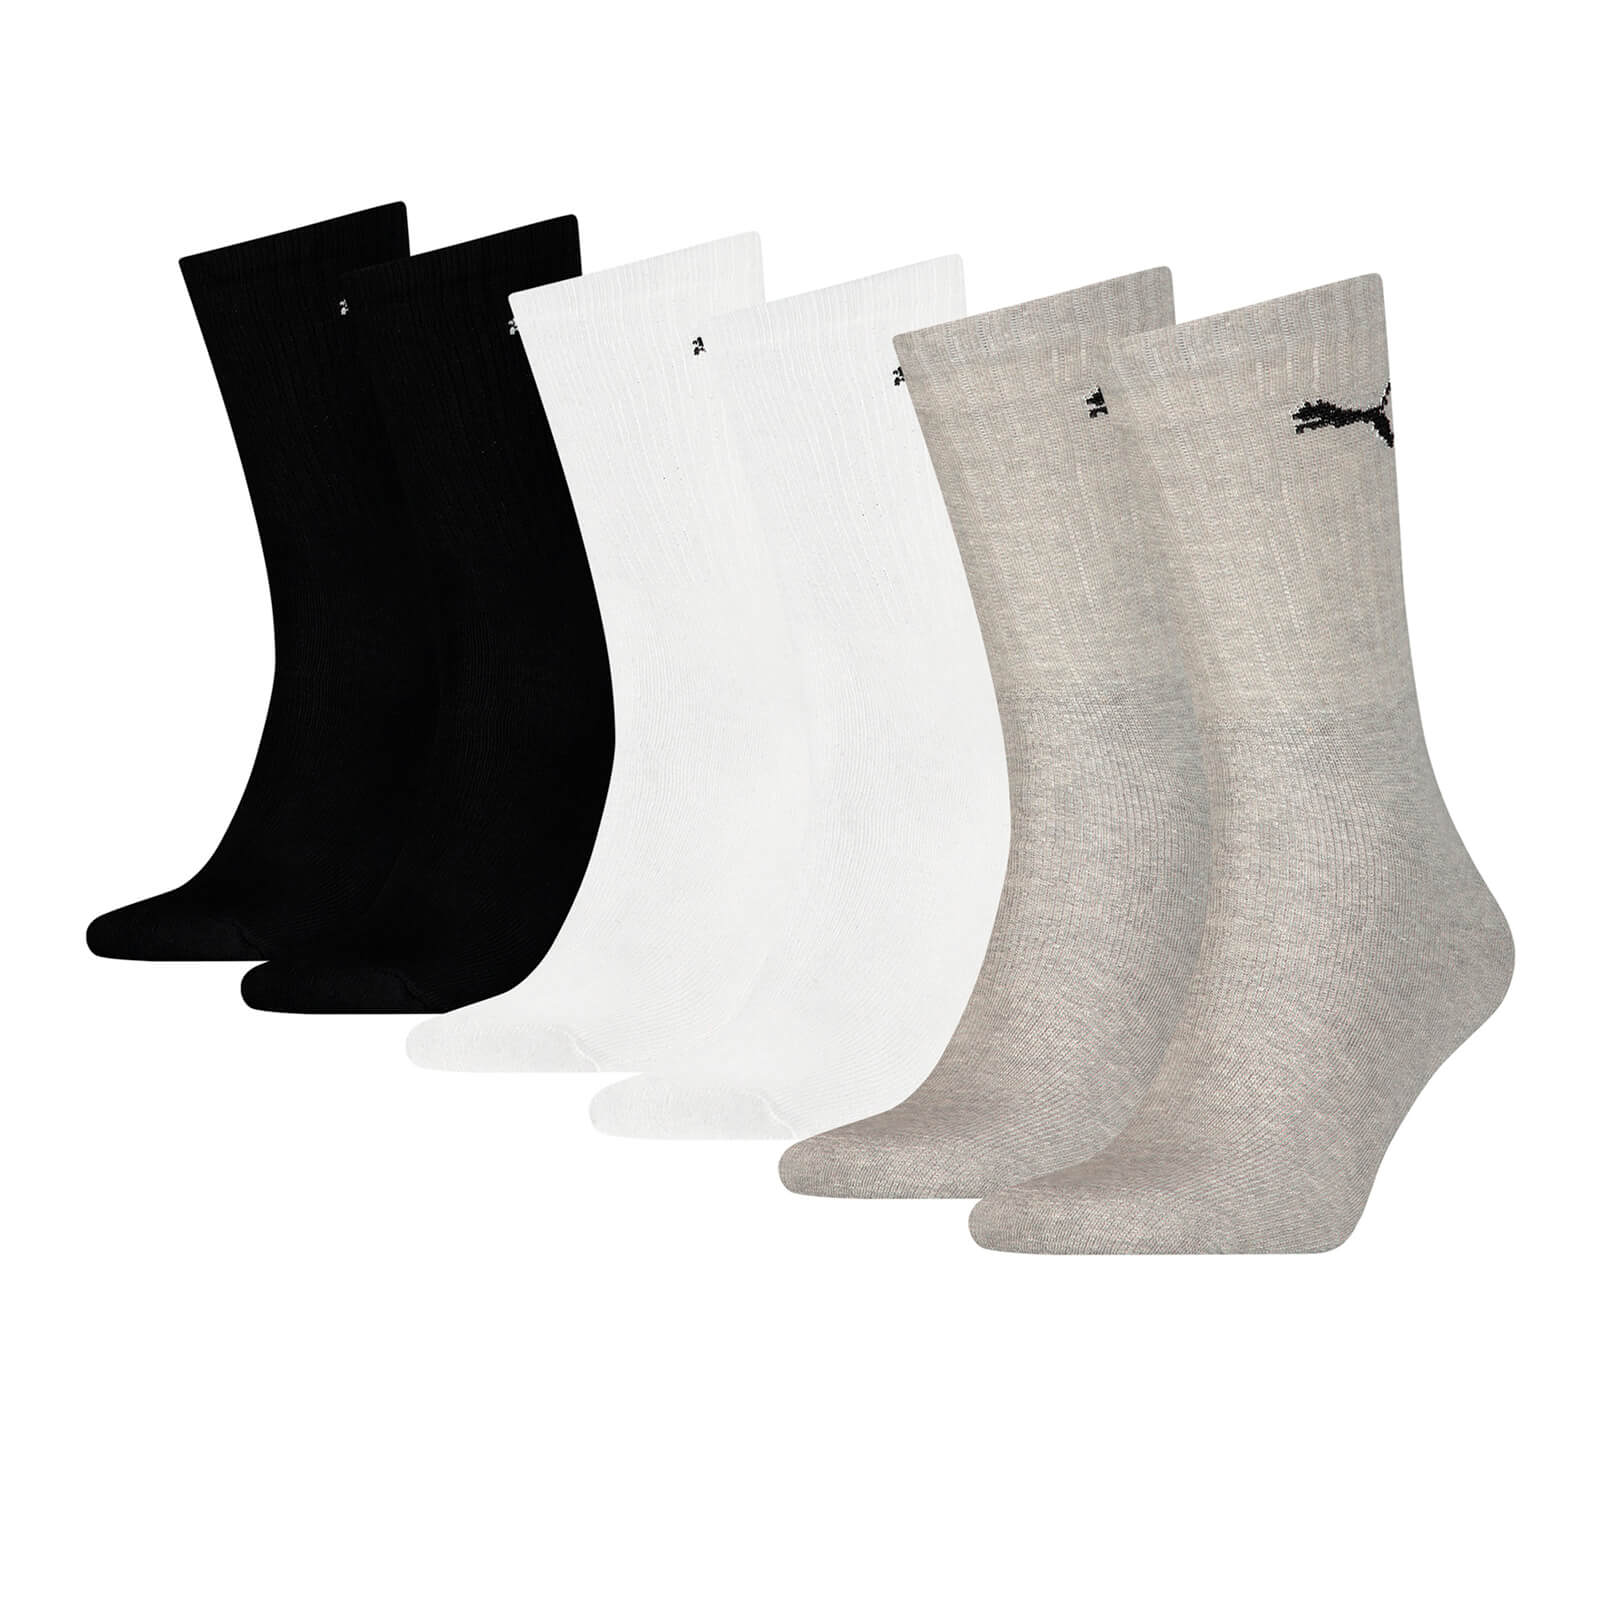 586a778f1 Pack de 6 calcetines Puma - Hombre - Multicolor Mens Clothing ...